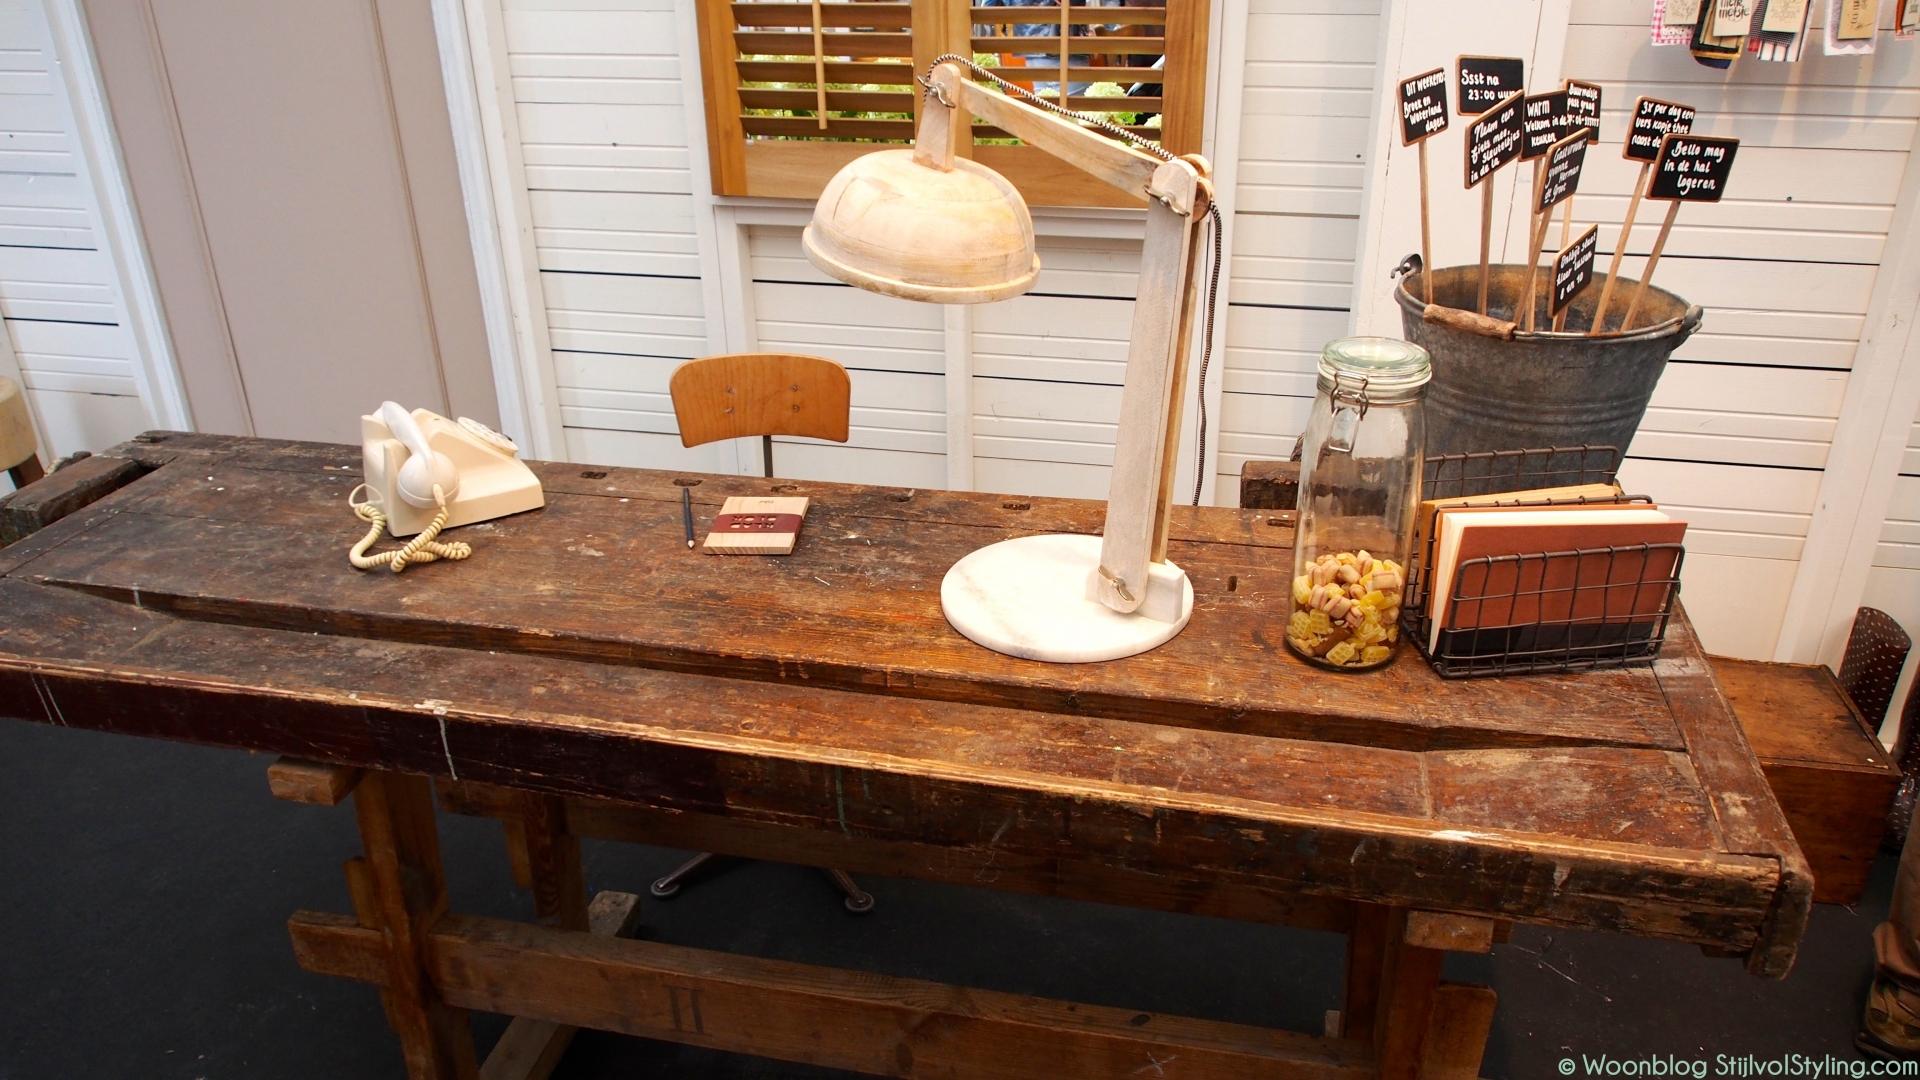 Interieur inspiratie een oude werkbank in het interieur stijlvol styling woonblog - Oude stijl keuken wastafel ...